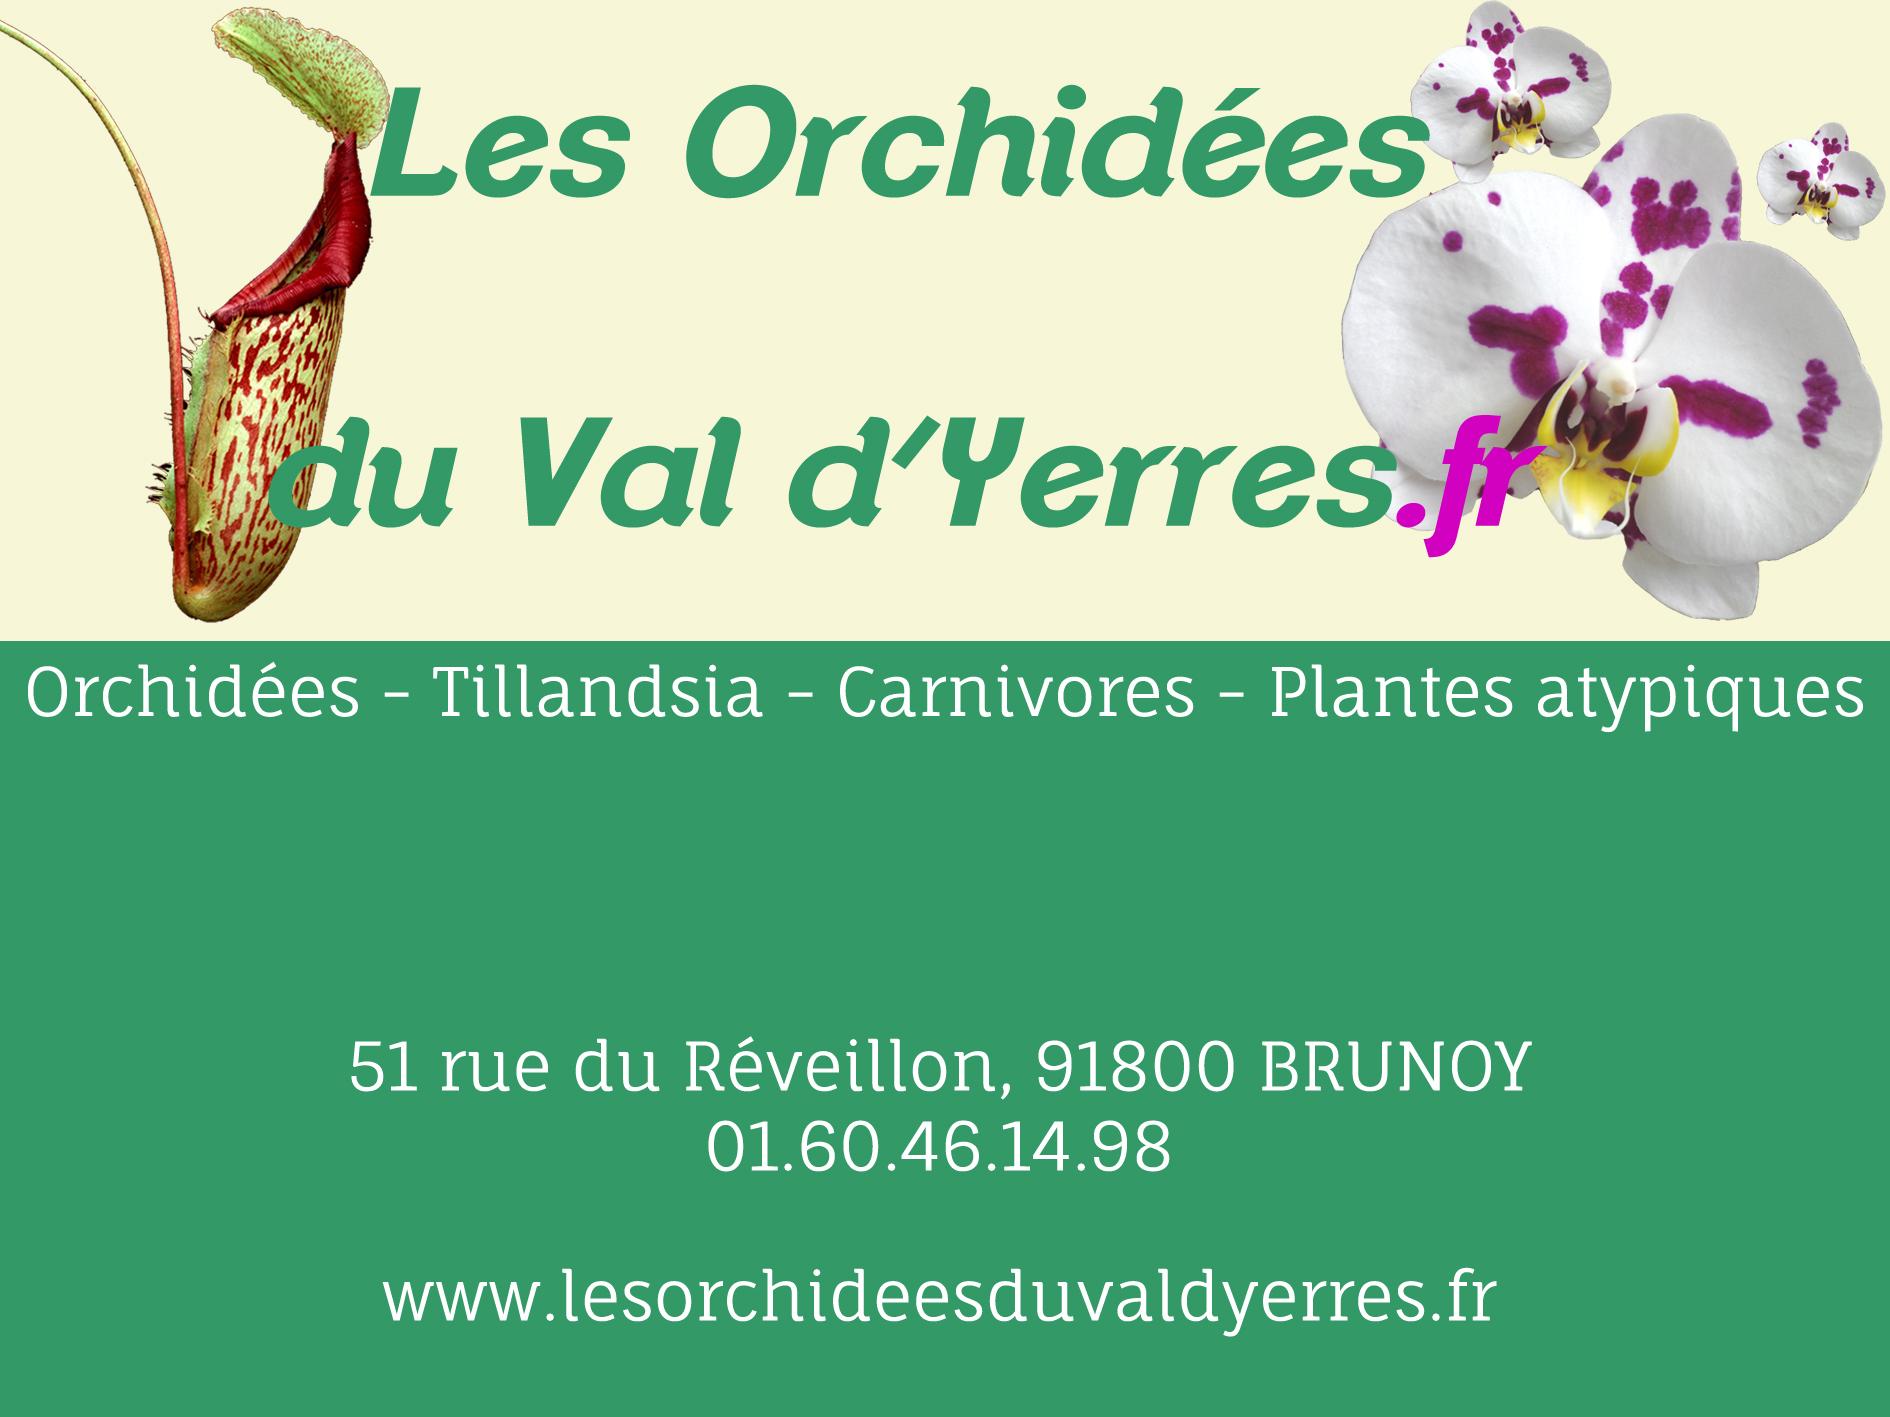 Orchidées du Val d'Yerres, vente d'orchidées rares et originales